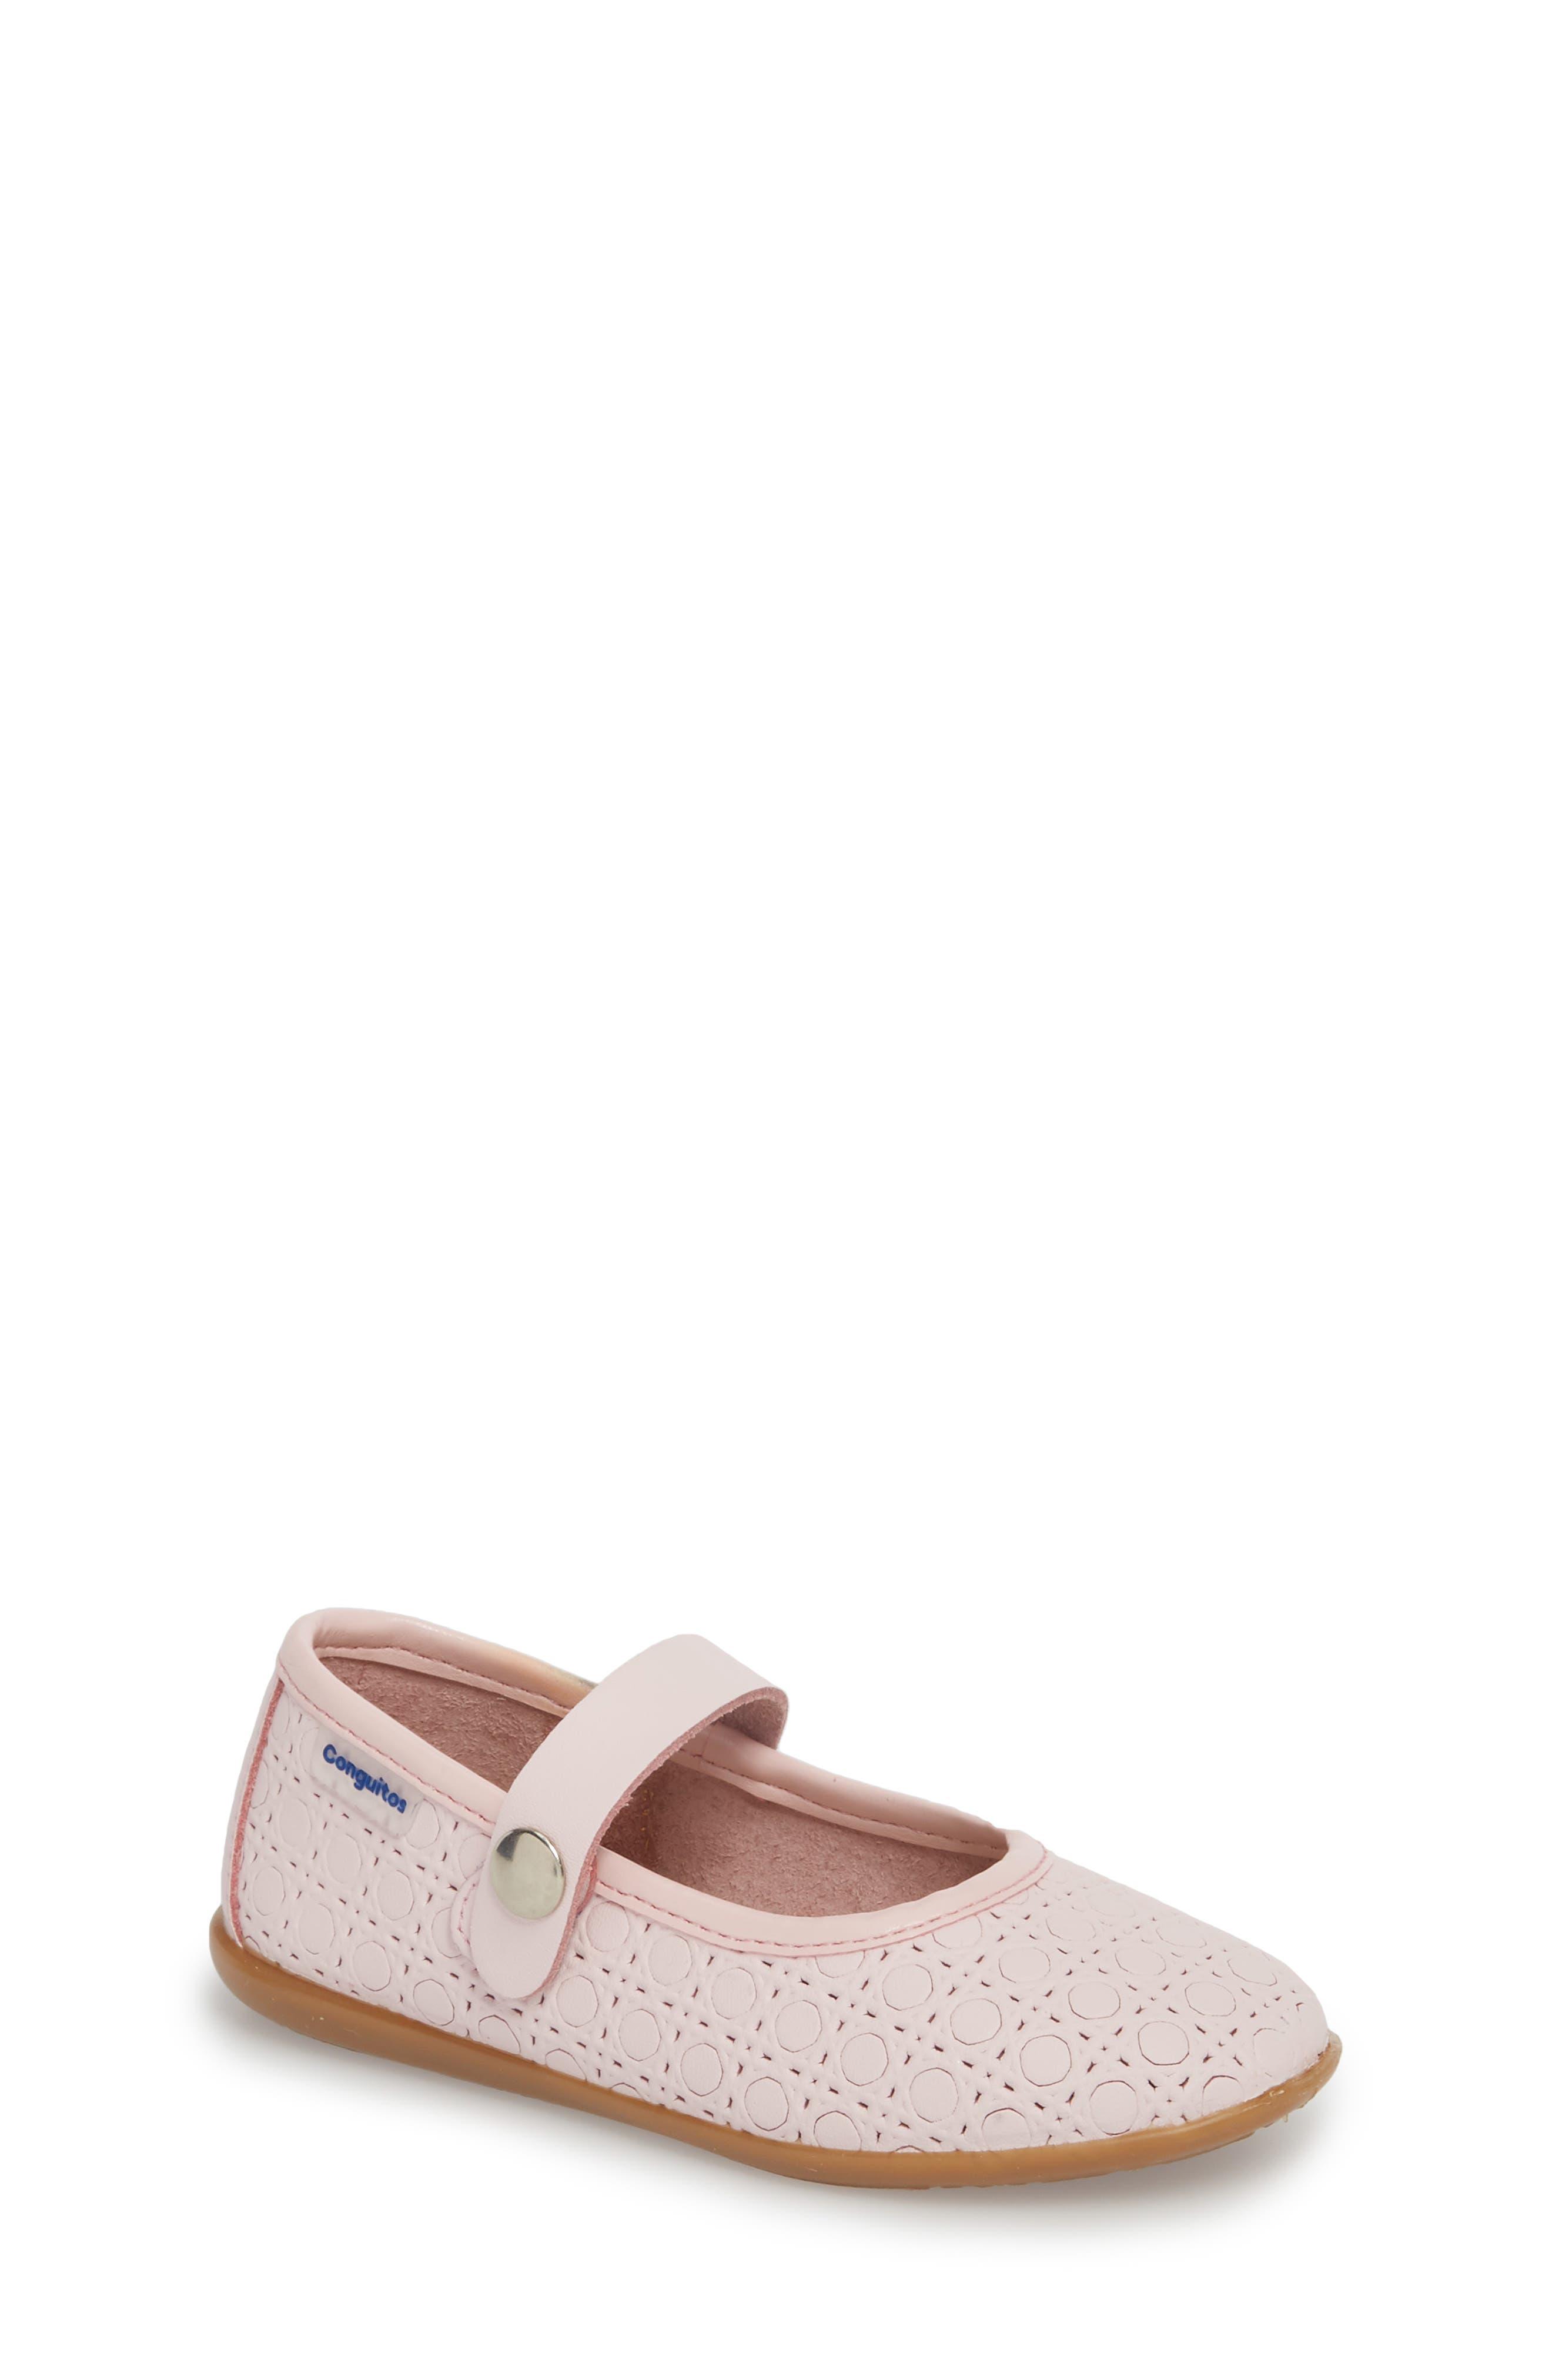 Toddler Girls Conguitos Geometric Washable Mary Jane Size 75US  24EU  Pink